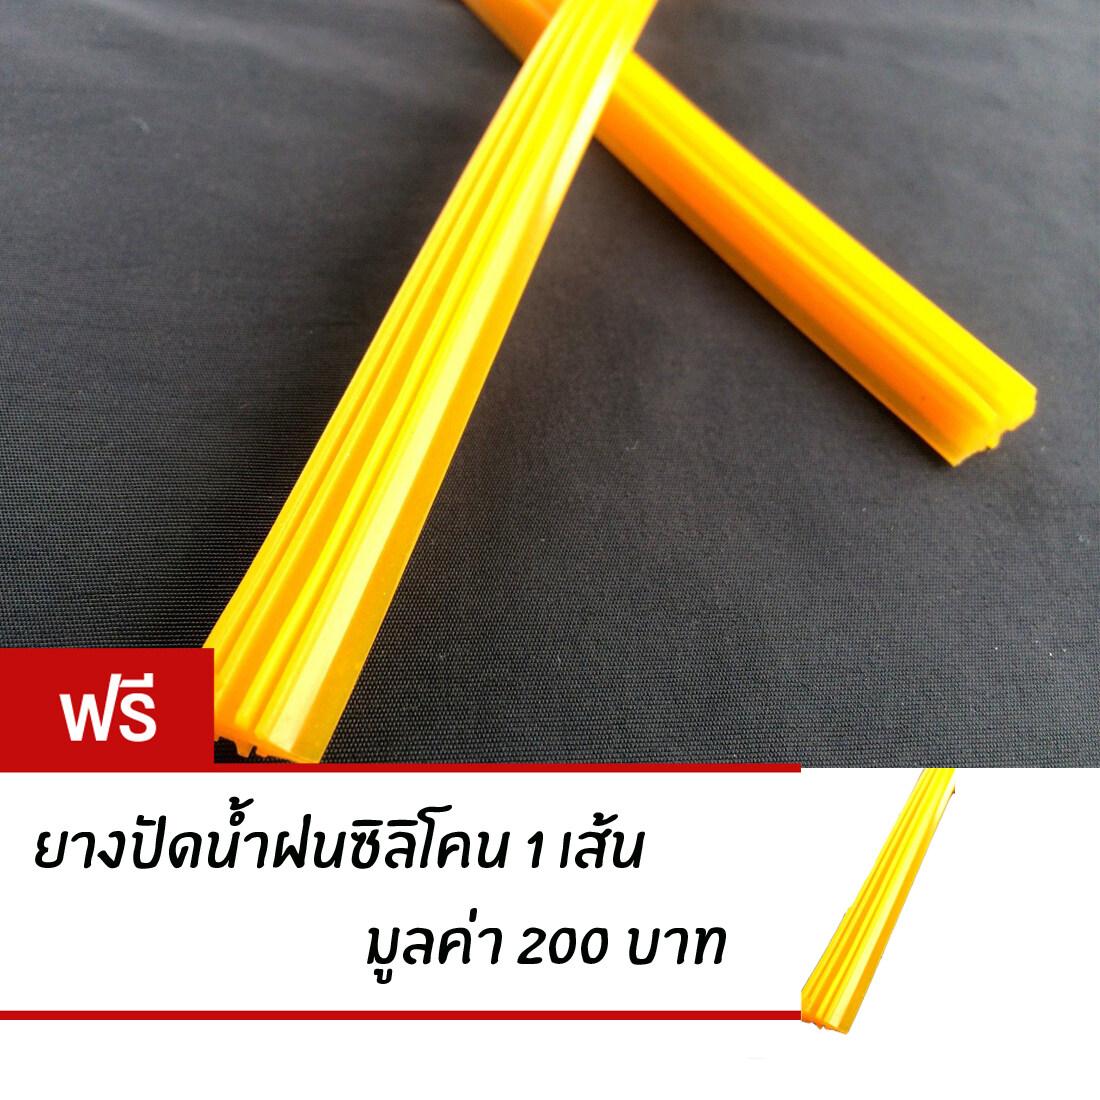 ซื้อ Mck Silicone 26 6Mm Cut To Size Universal Replacement Wiper Blade Refill Vehicle ยางใบปัดน้ำฝนเนื้อซิลิโคลน 1 คู่ สีเหลือง ฟรียางใบปัดน้ำฝน 1 เส้น ถูก ใน กรุงเทพมหานคร